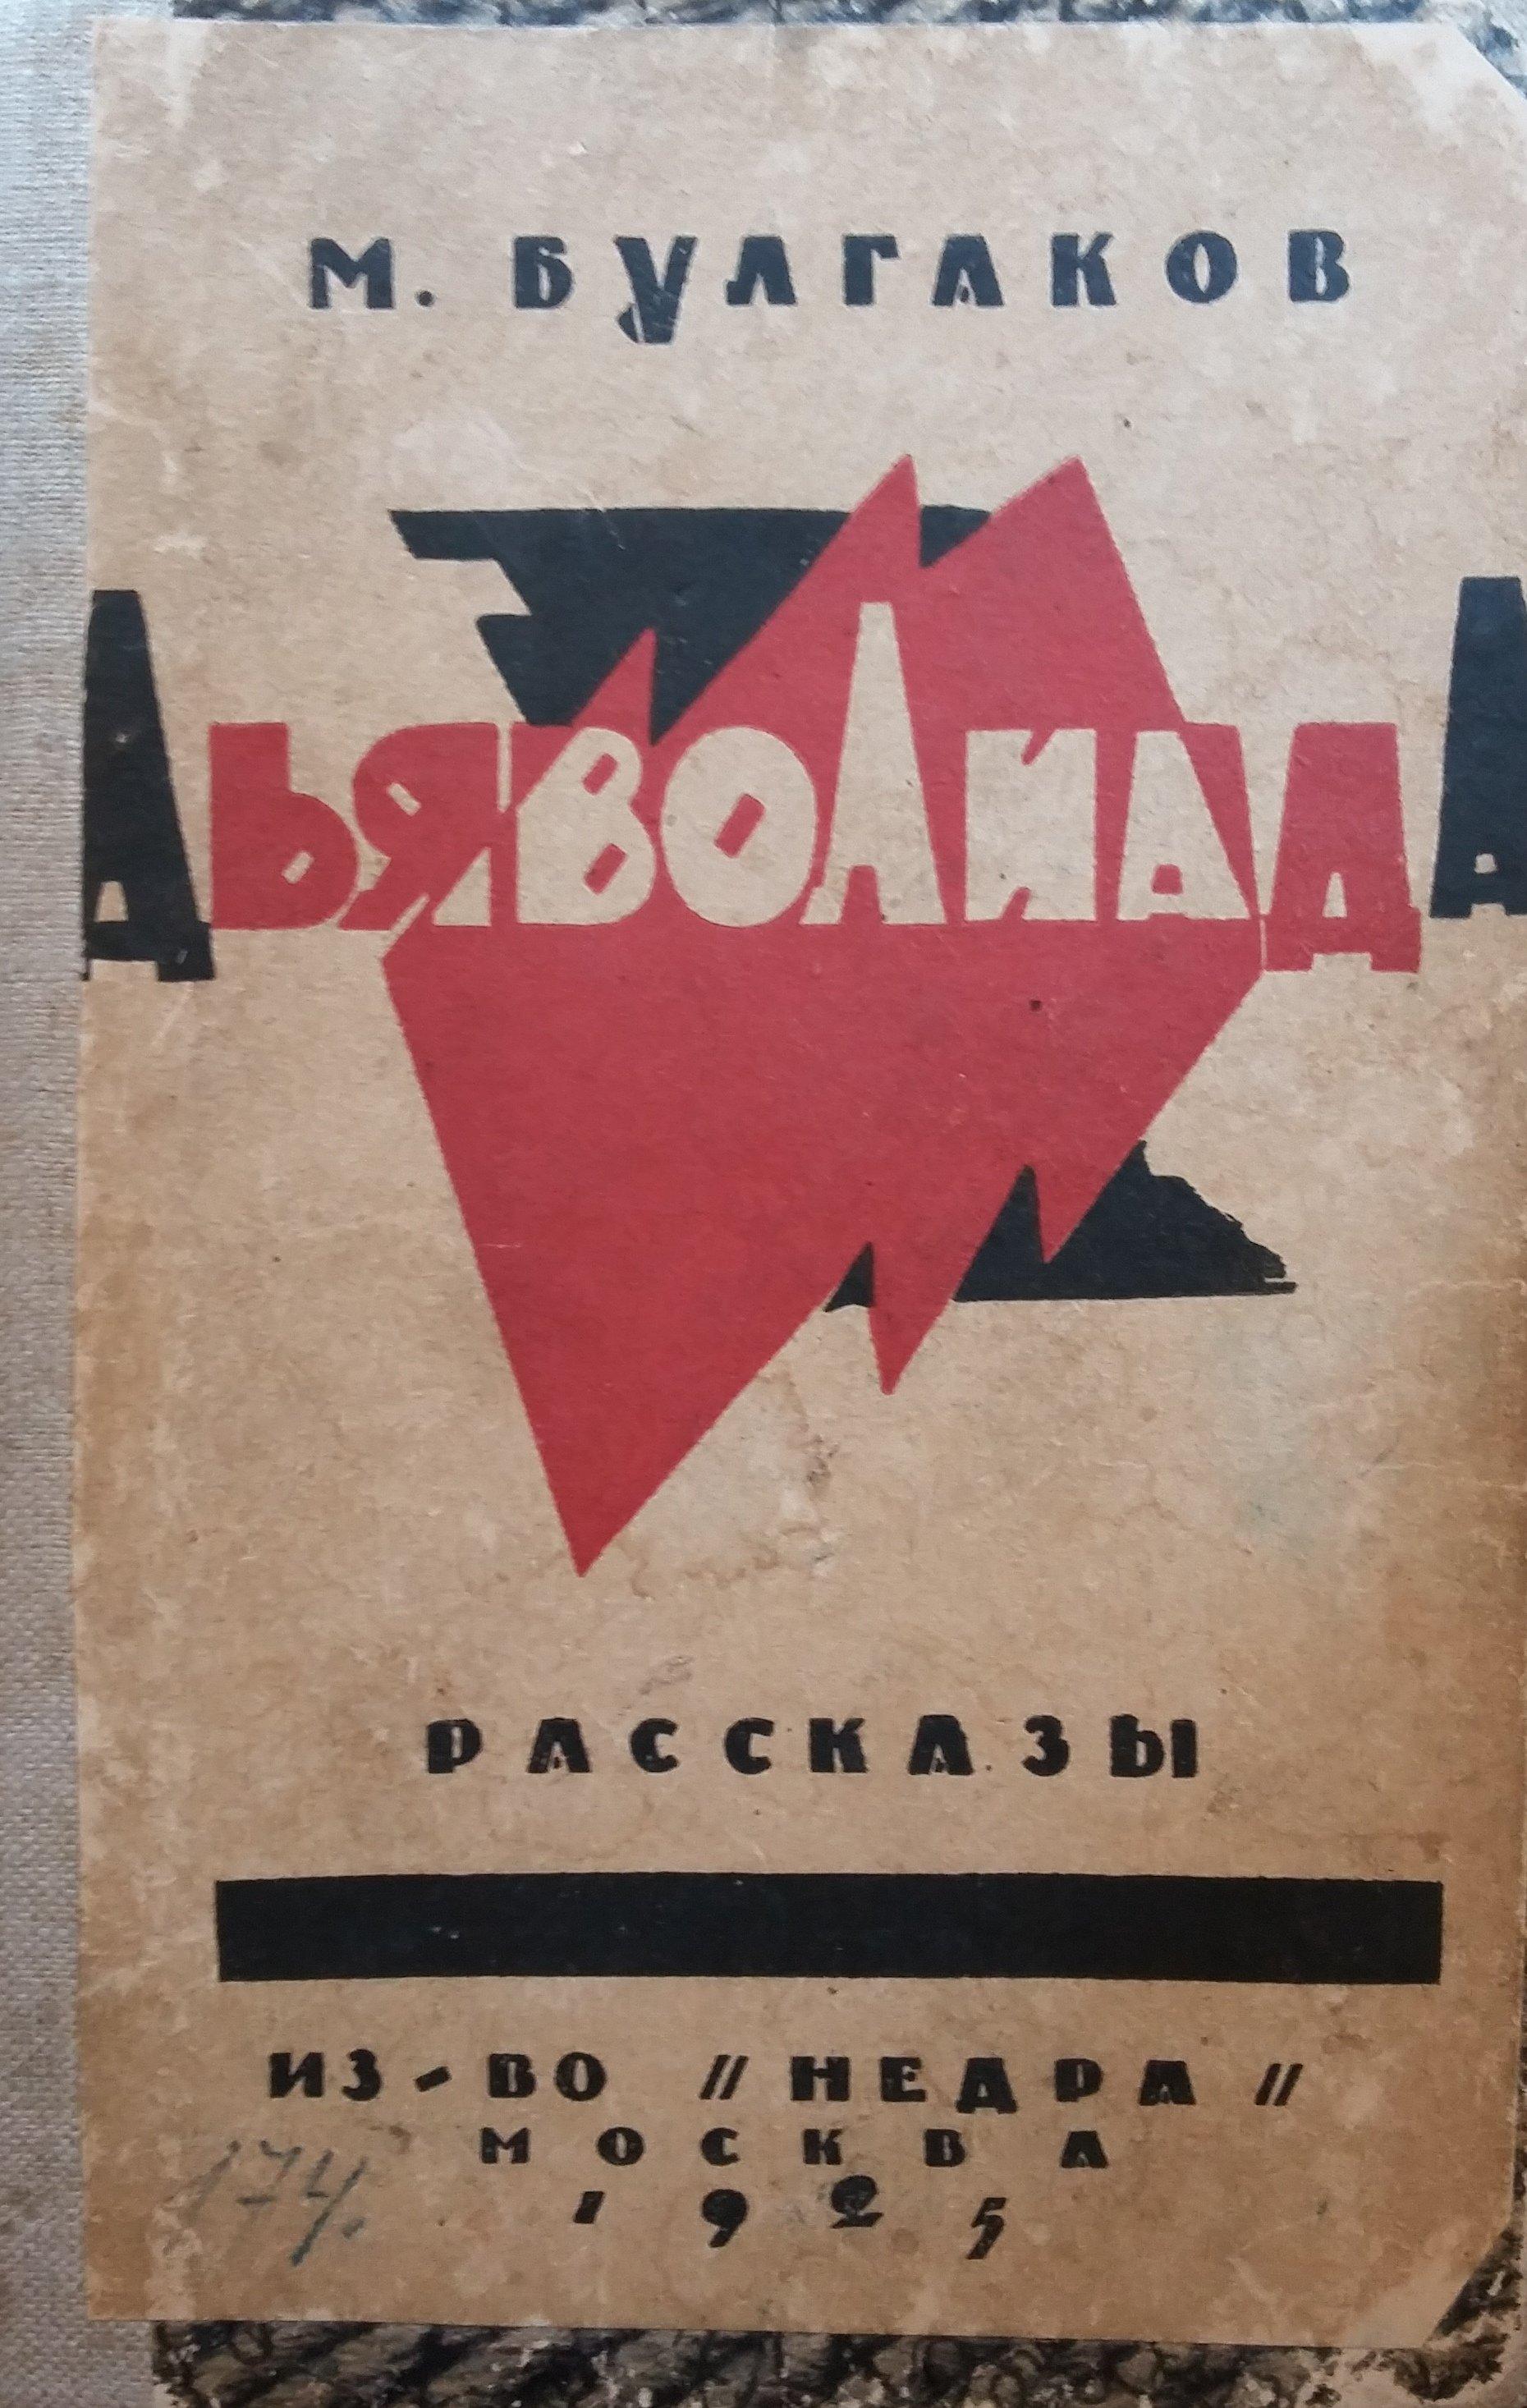 Булгаков М. Дьяволиада: Рассказы.- Москва: Издательство: «Недра», 1926.